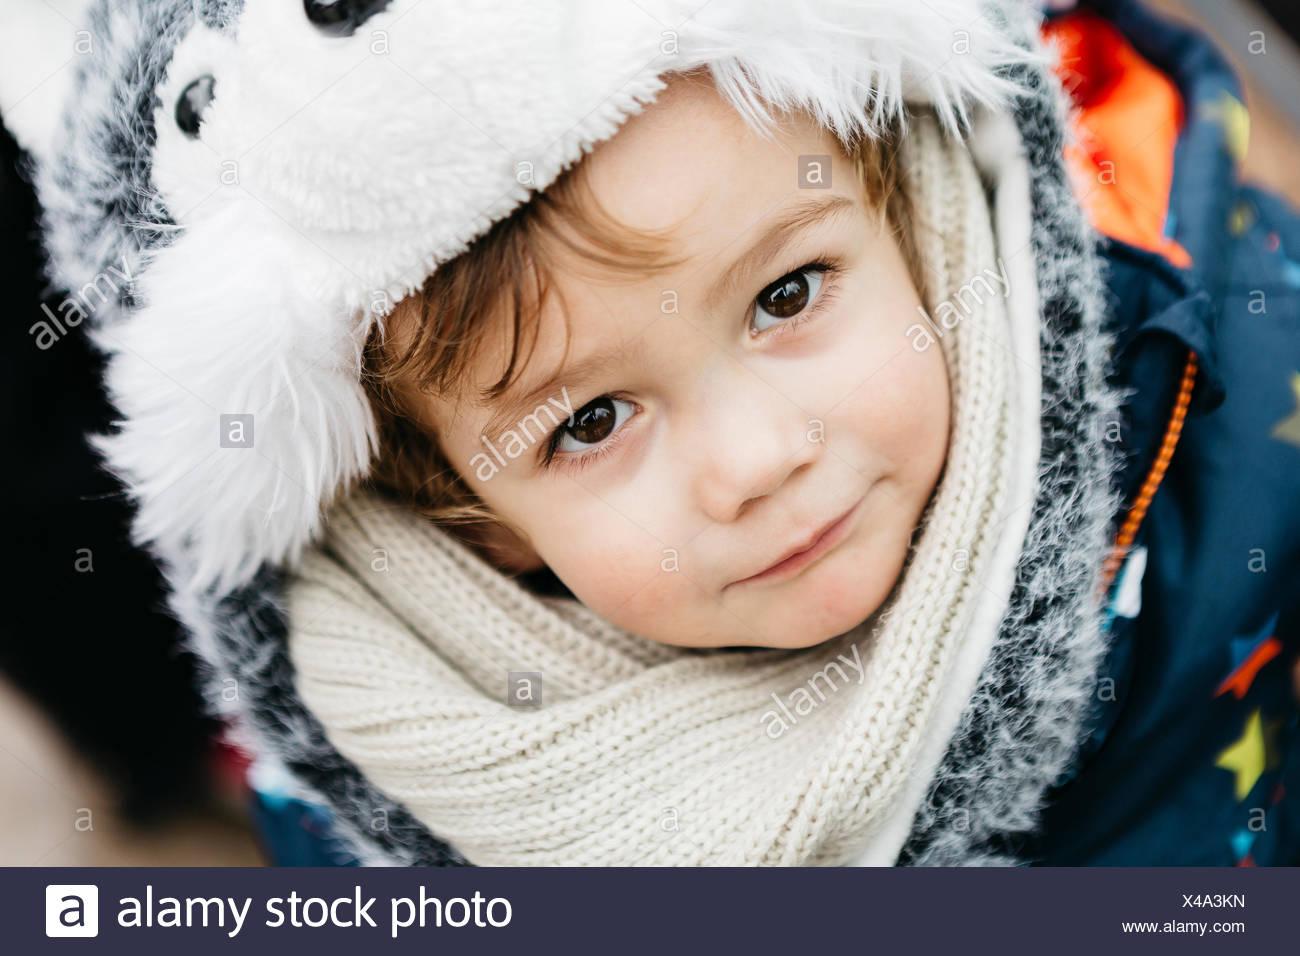 Retrato de niño llevaba ropa de abrigo Imagen De Stock